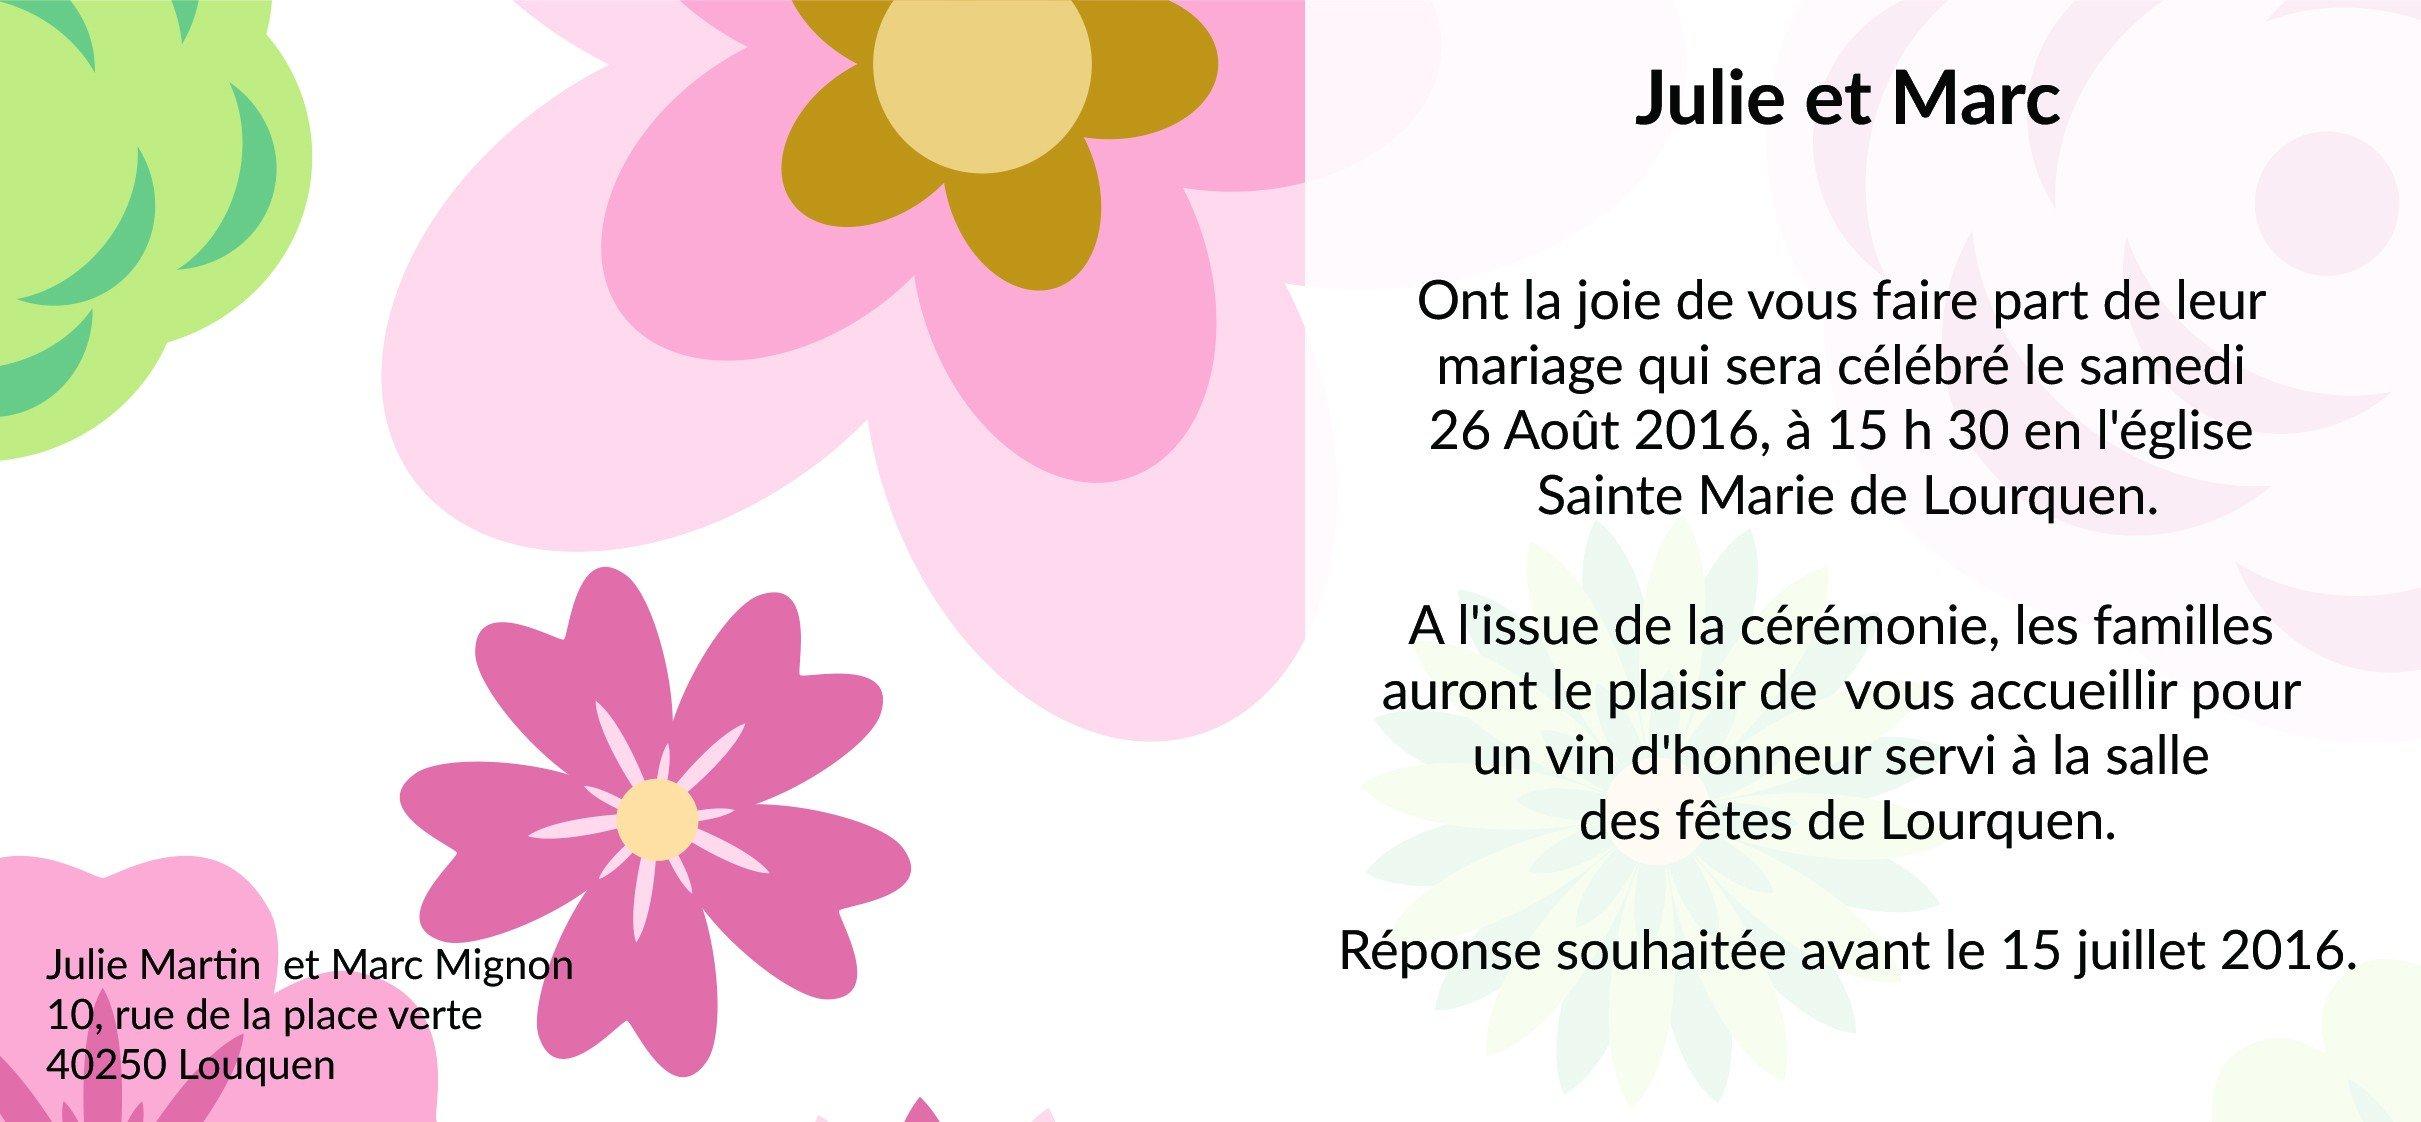 Exemple de texte pour carte d'invitation mariage